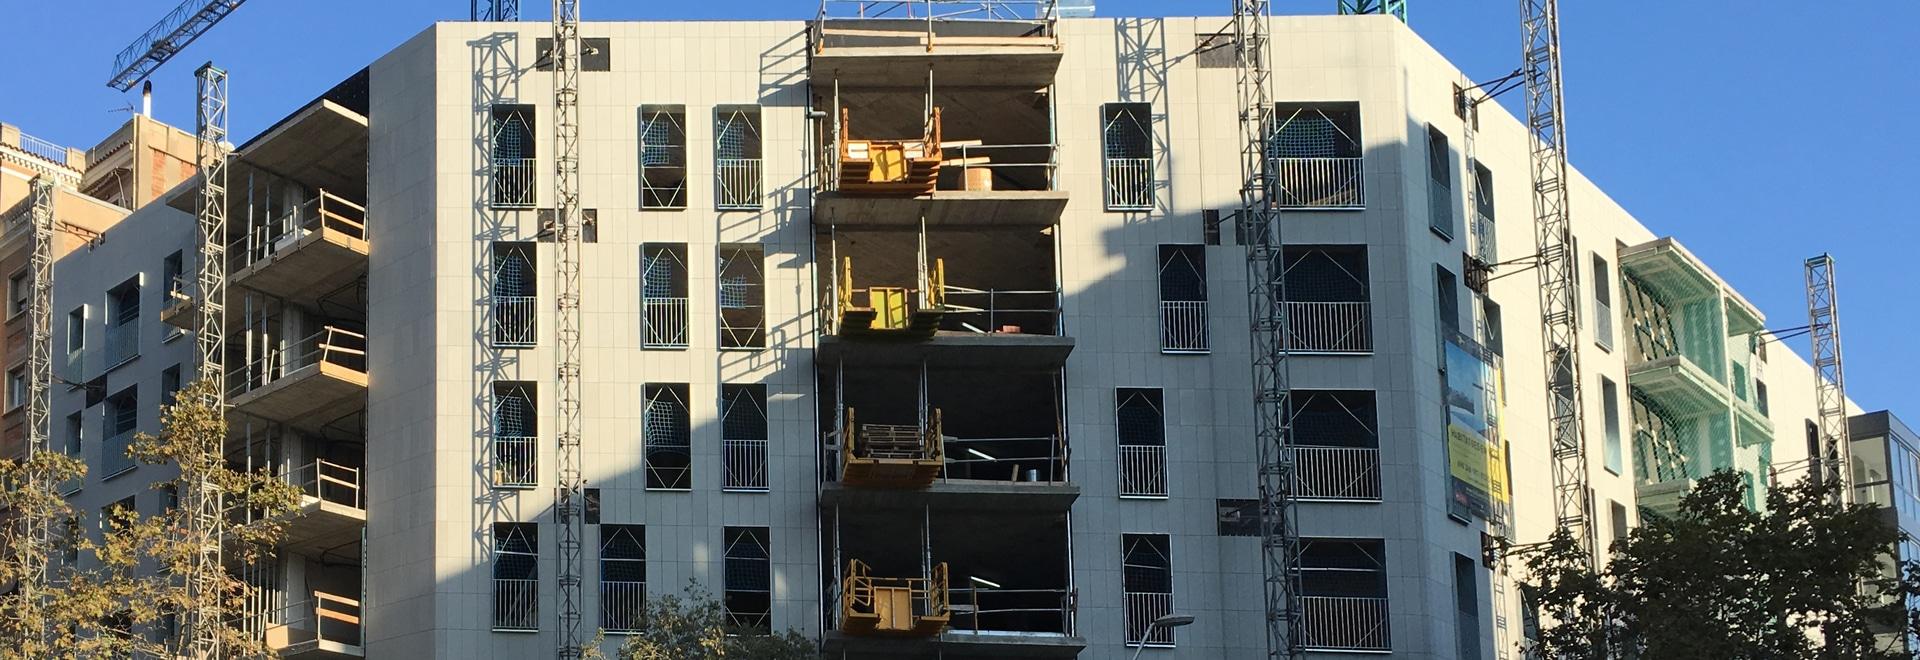 Dos proyectos de las nuevas viviendas con rainscreen fachadas